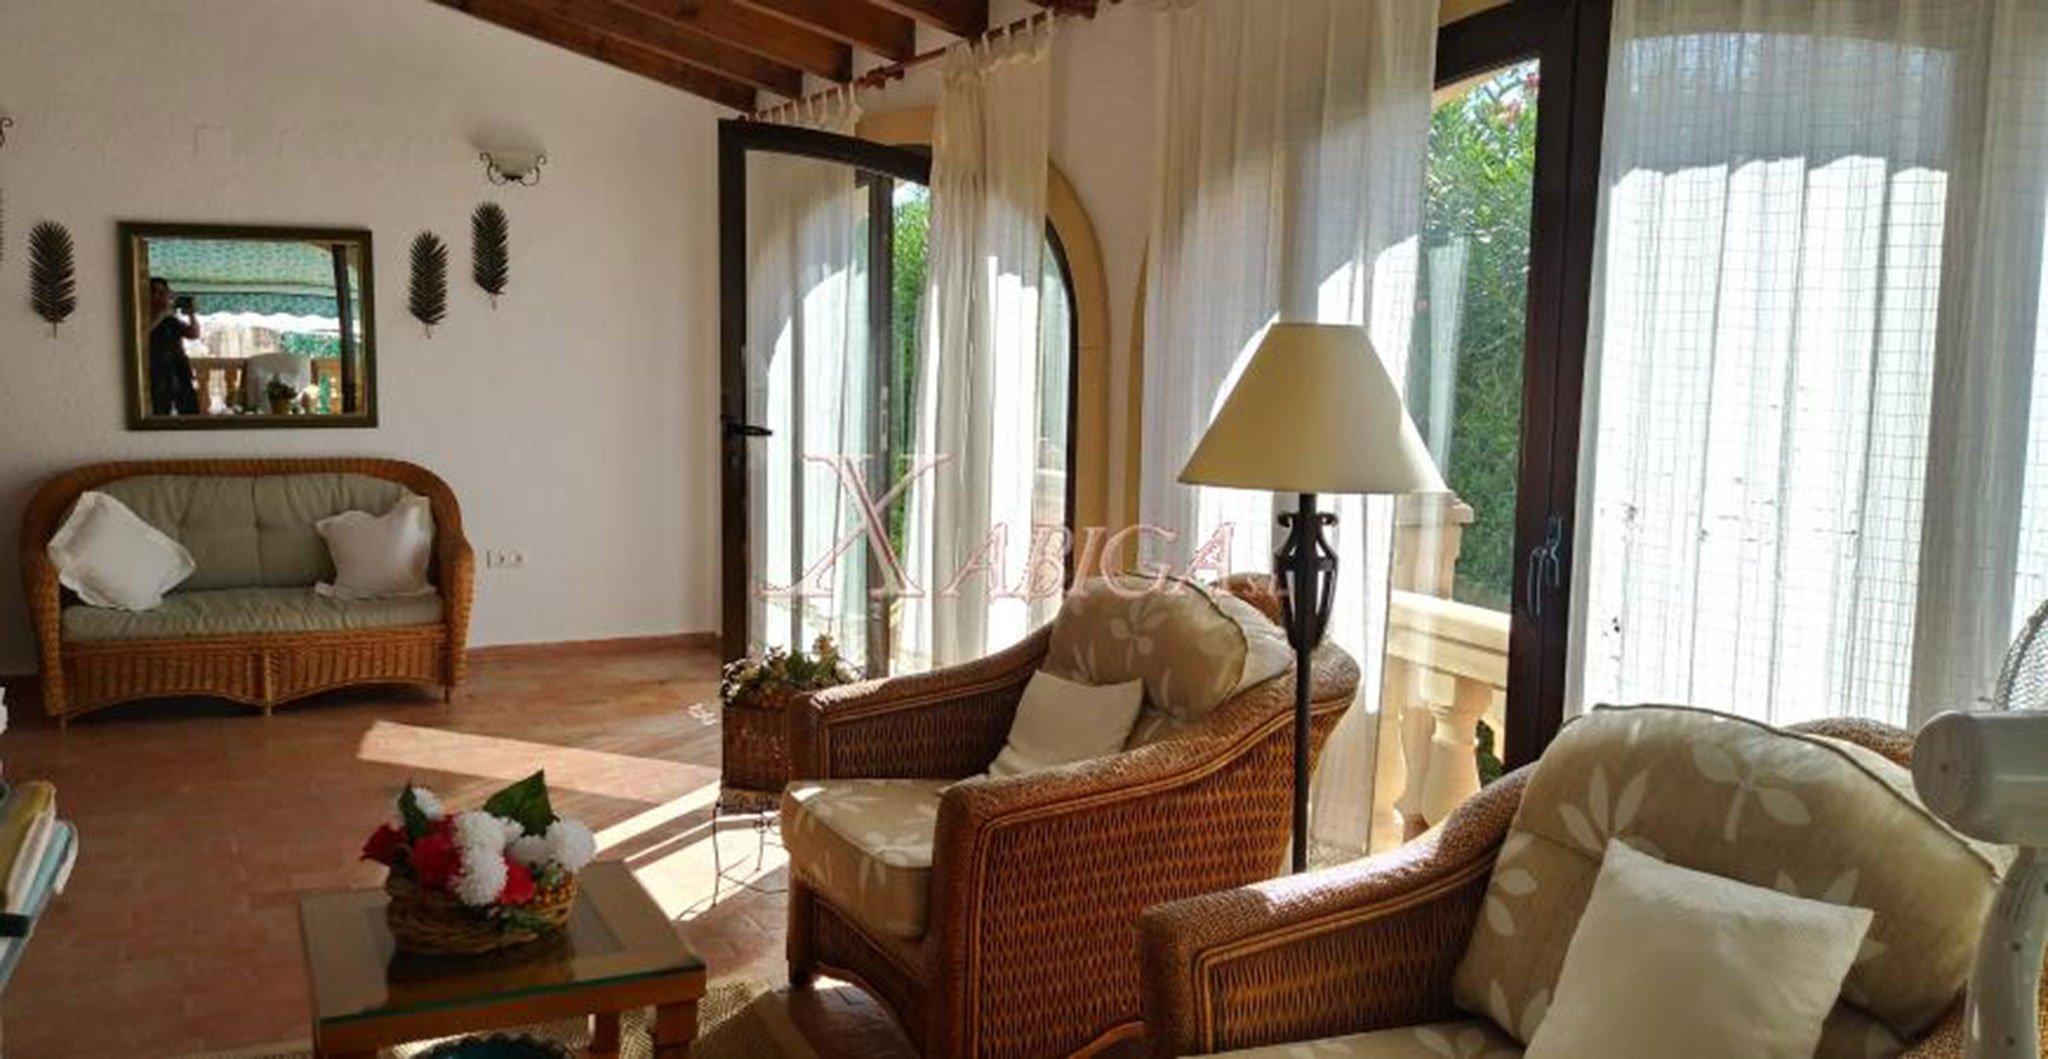 Salón en una casa a la venta con Xabiga Inmobiliaria